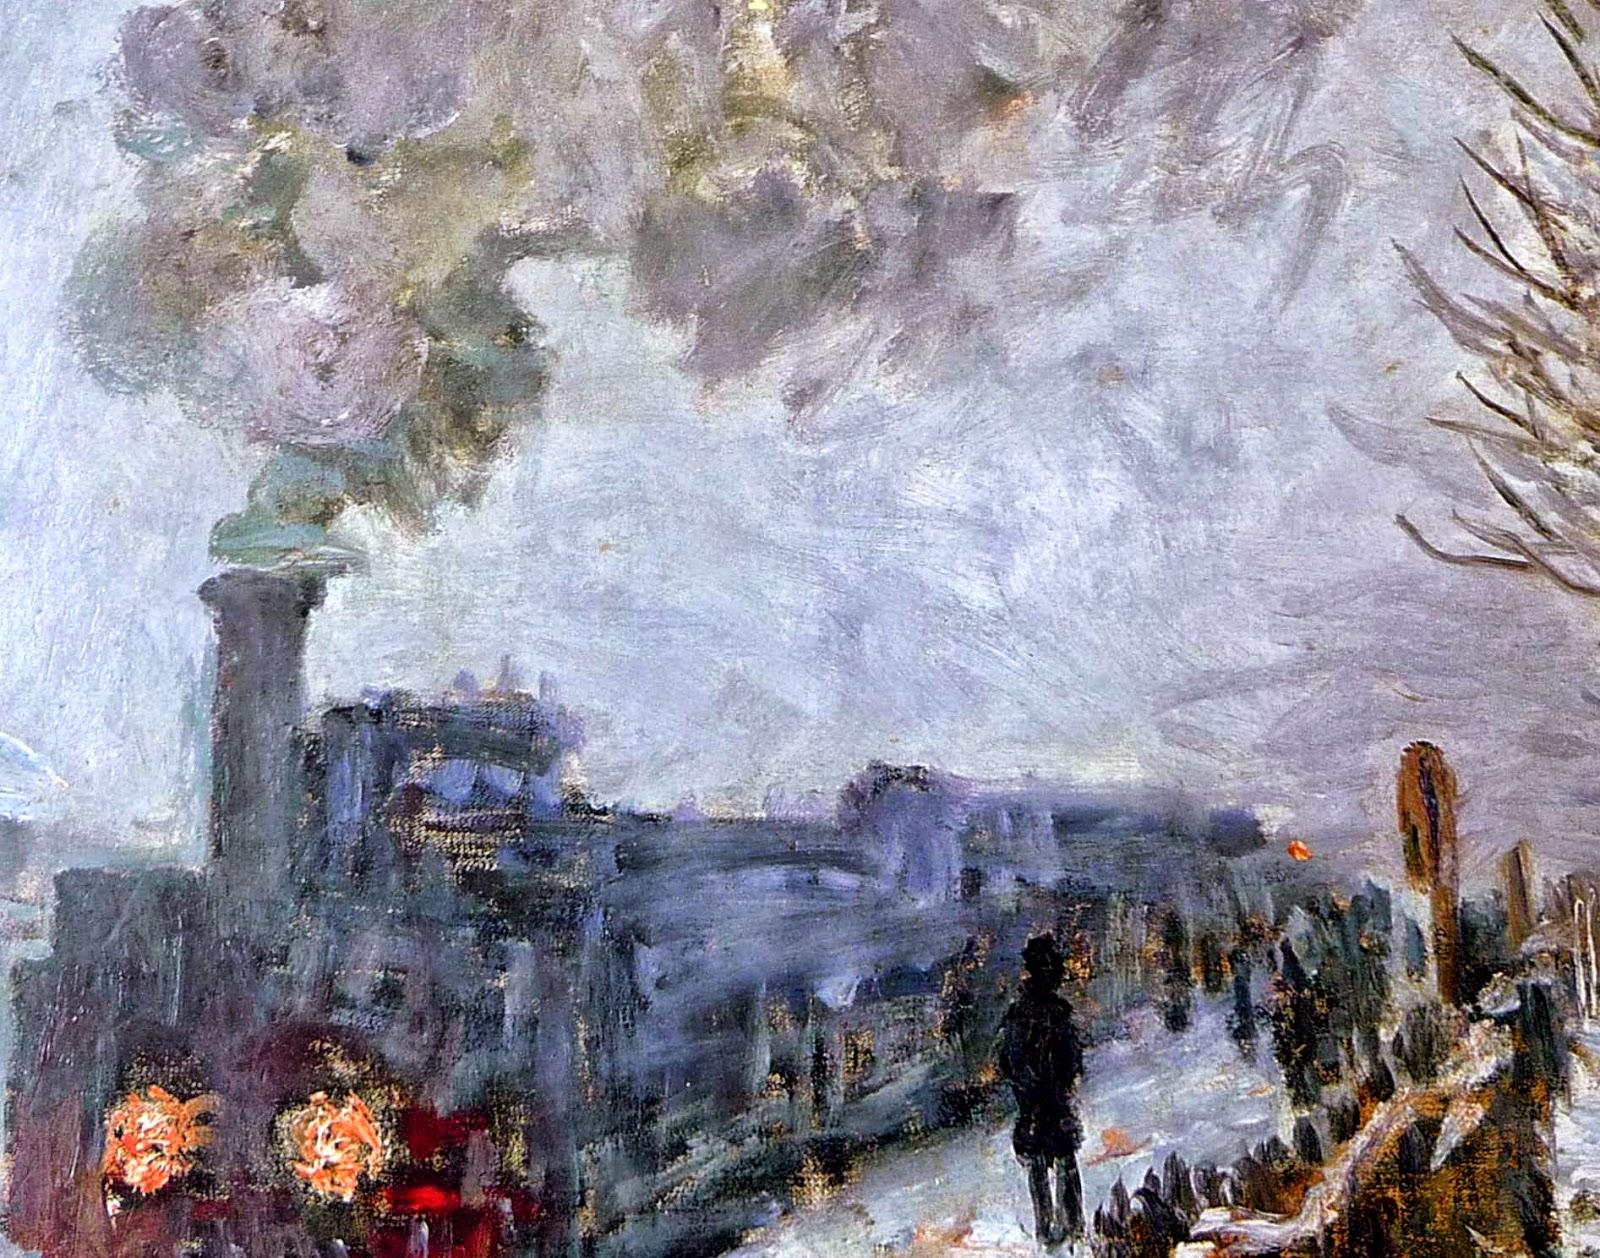 Claude Monet - Le train dans la neige. La Locomotive, 1875.jpg